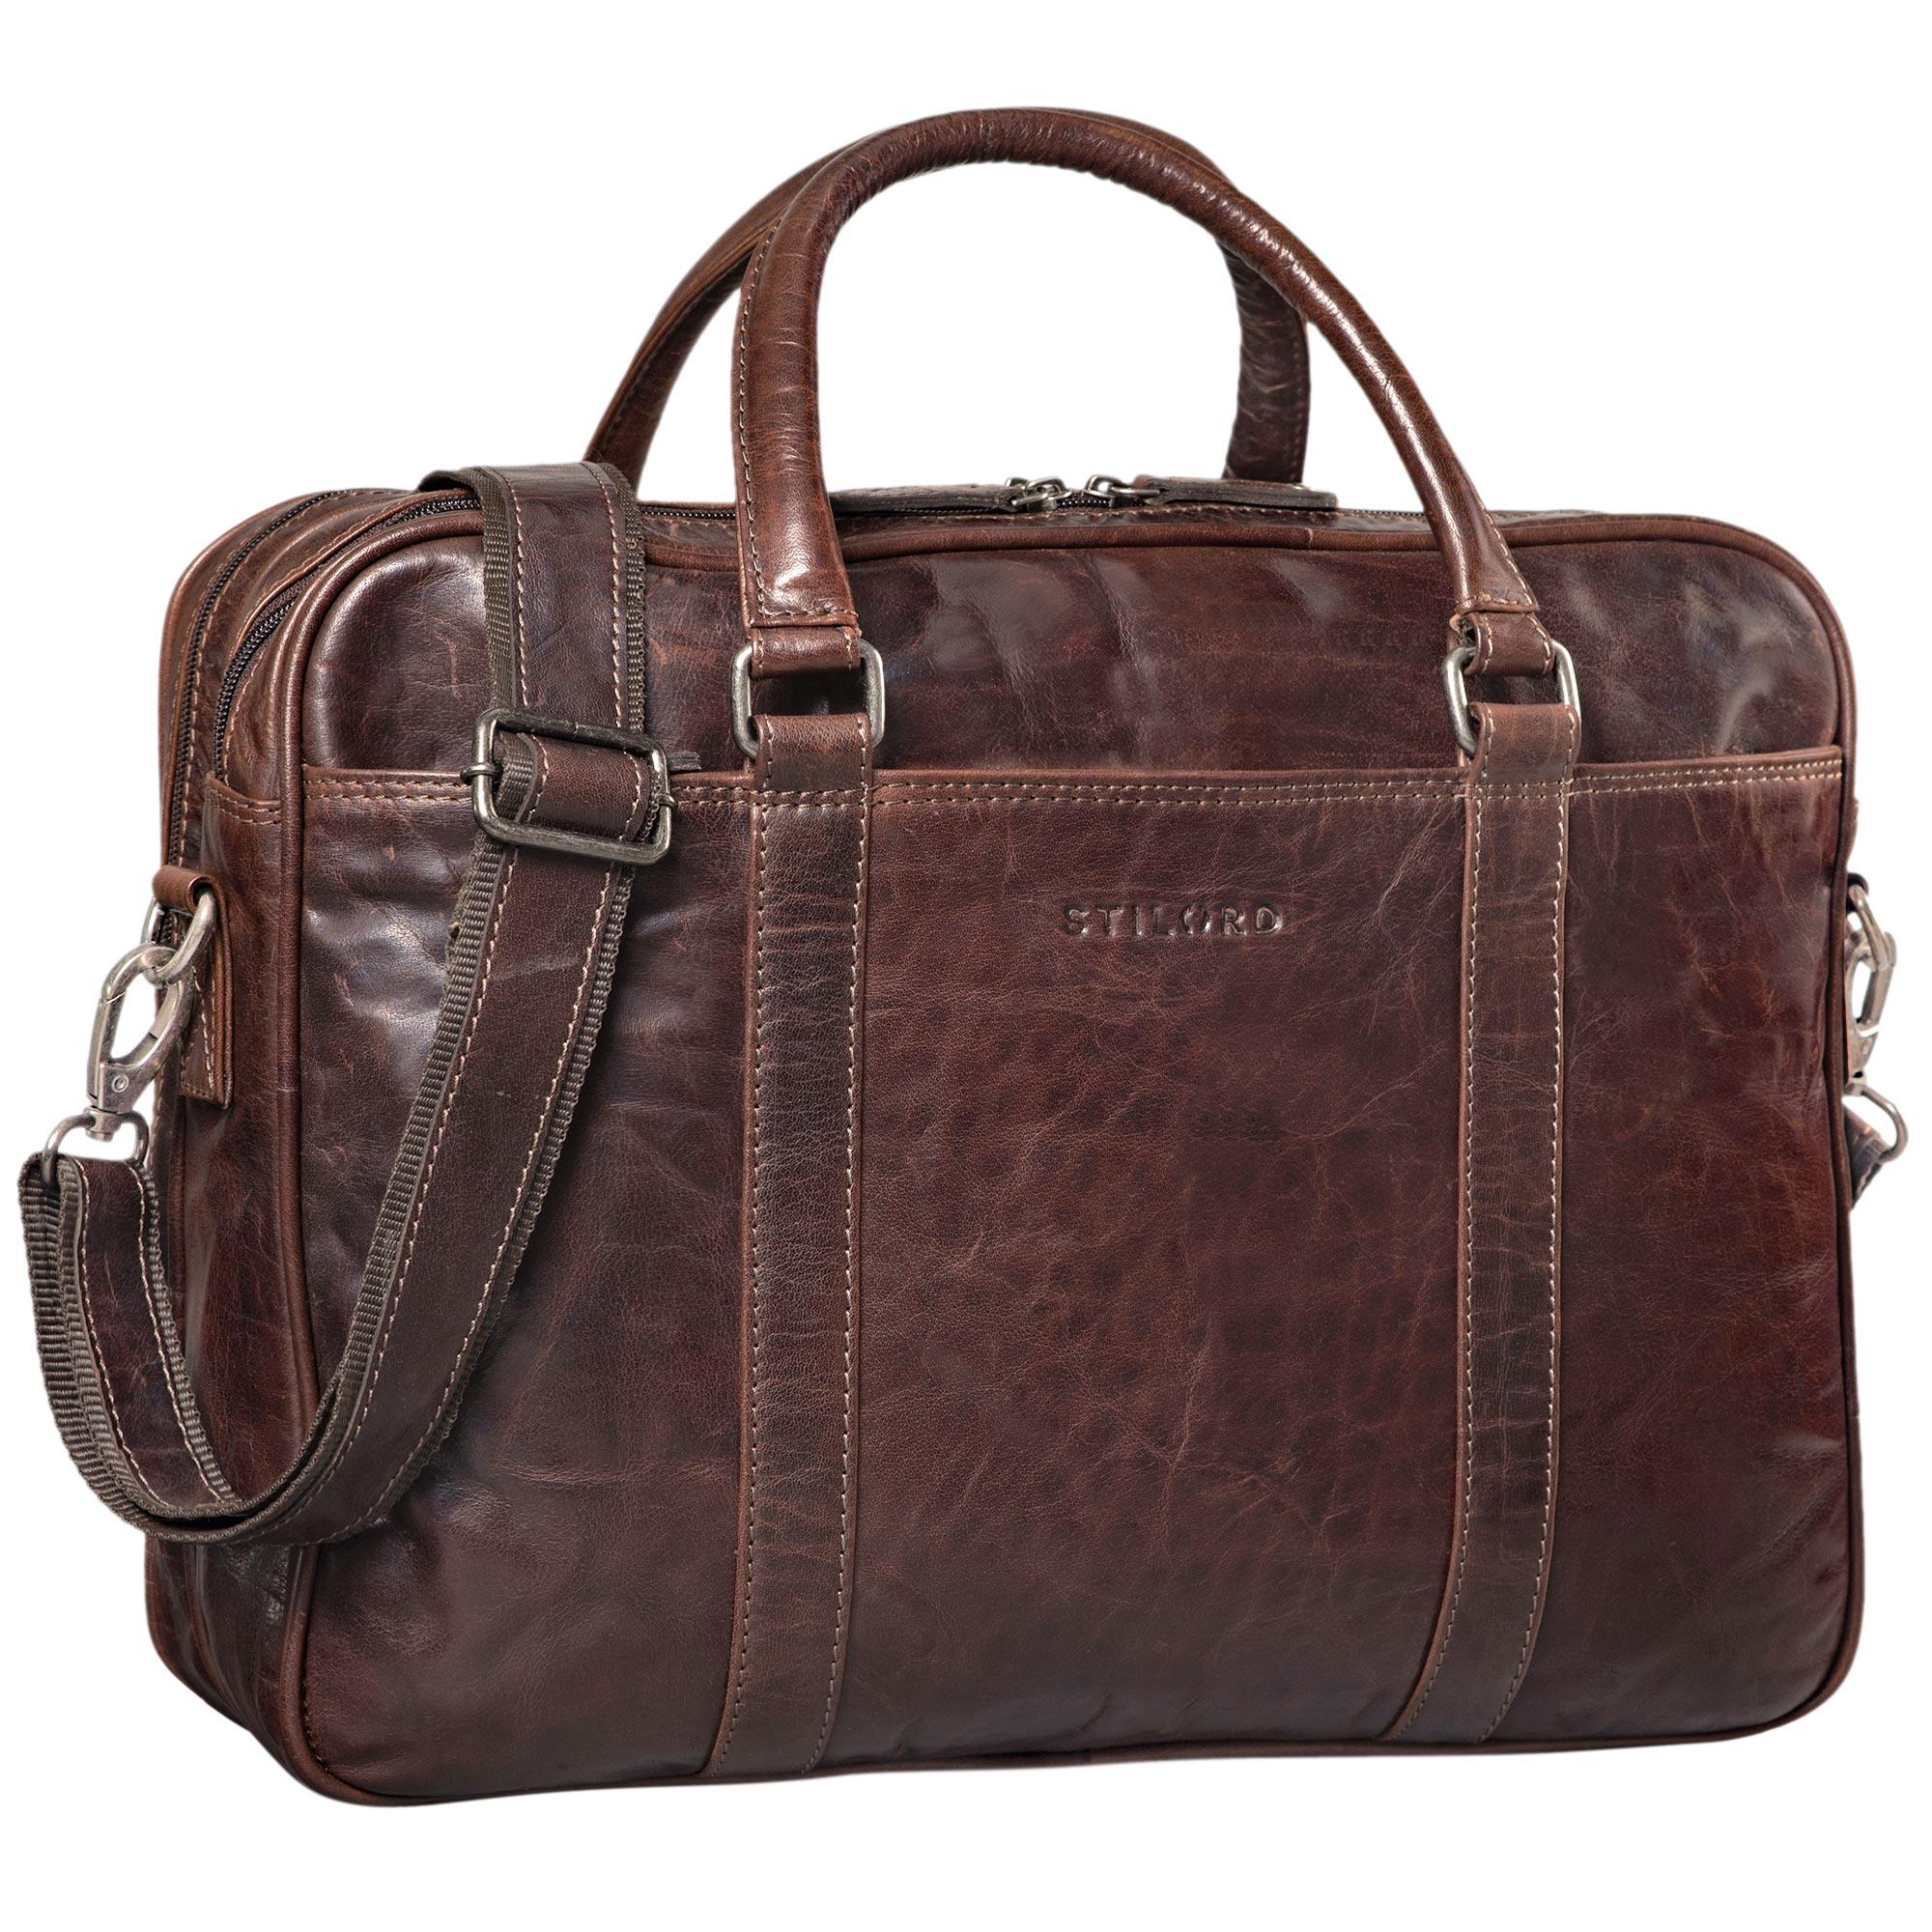 """STILORD """"Dante"""" Businesstasche Leder groß elegante Aktentasche Umhängetasche Schultertasche 15.6 Zoll Office Büro echtes Rindsleder  - Bild 15"""